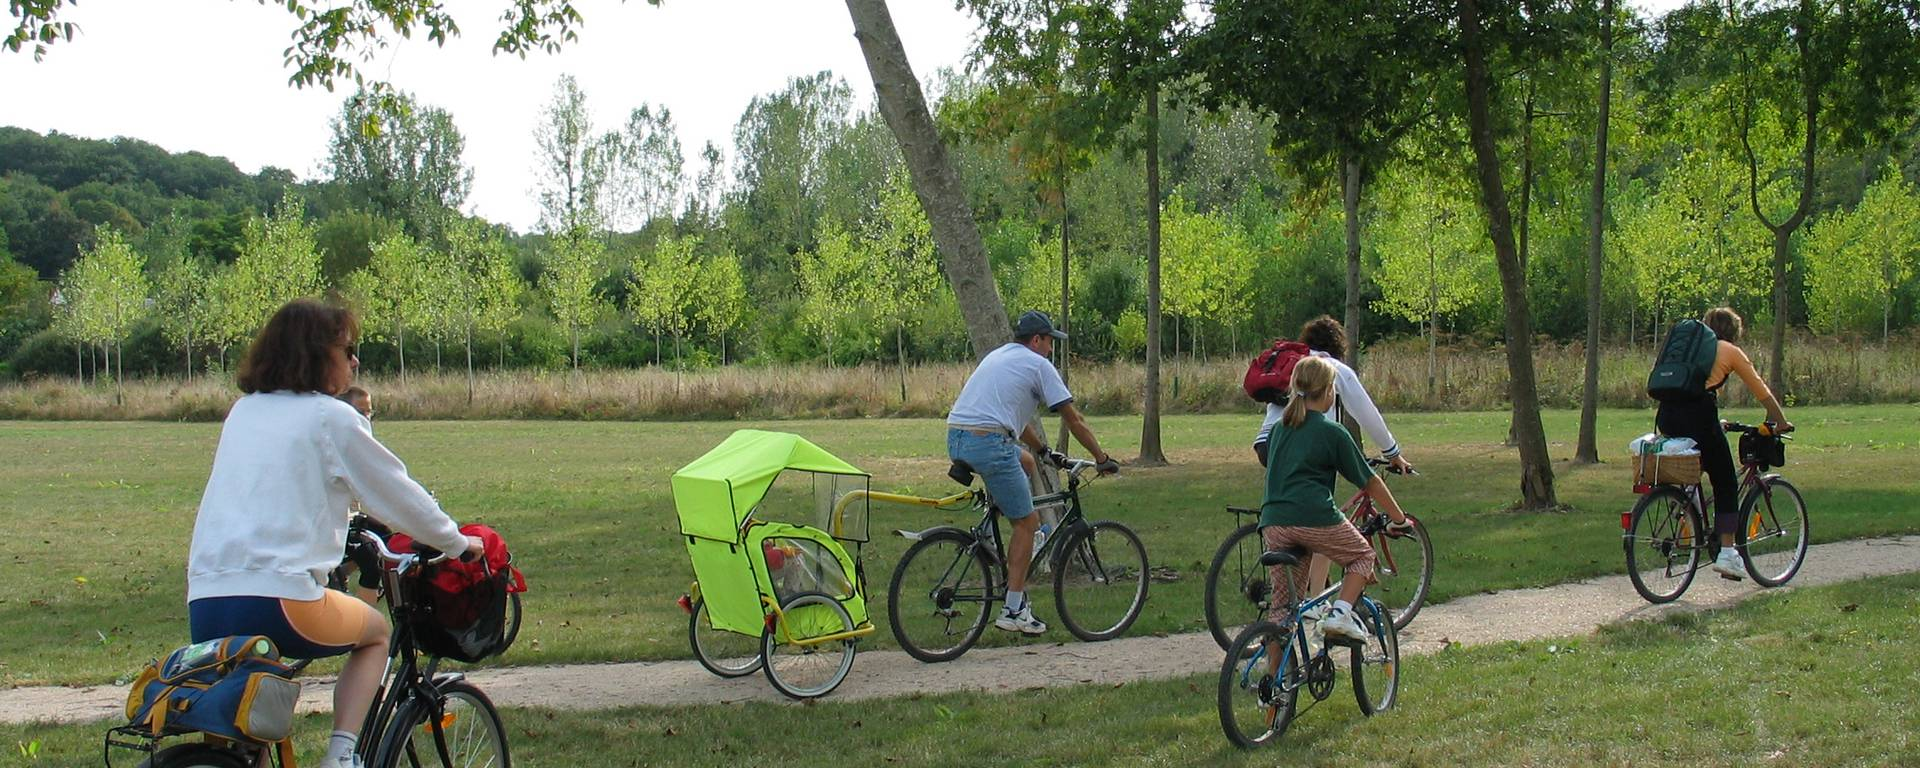 Balade à vélo en famille autour des châteaux de la Loire